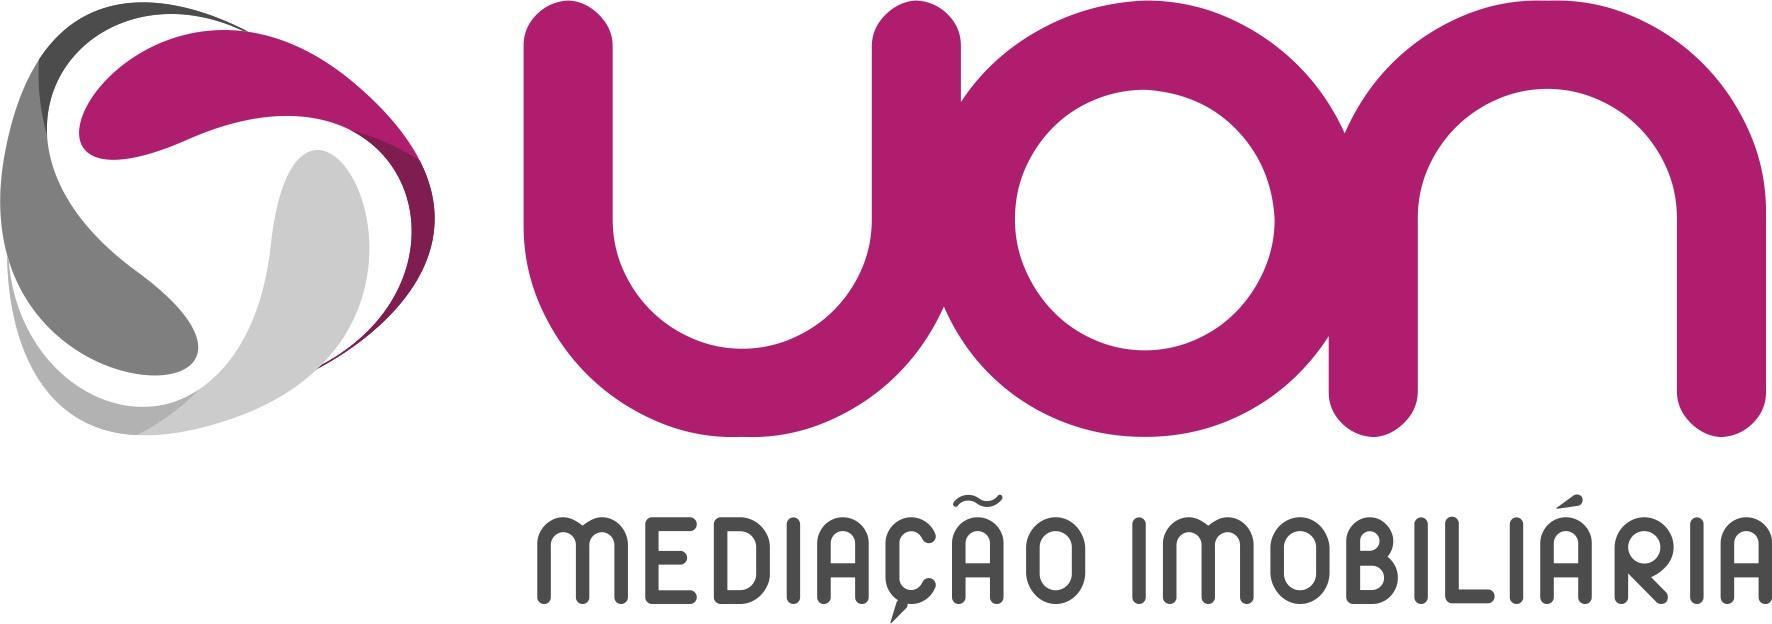 uon-imobiliaria-logo.